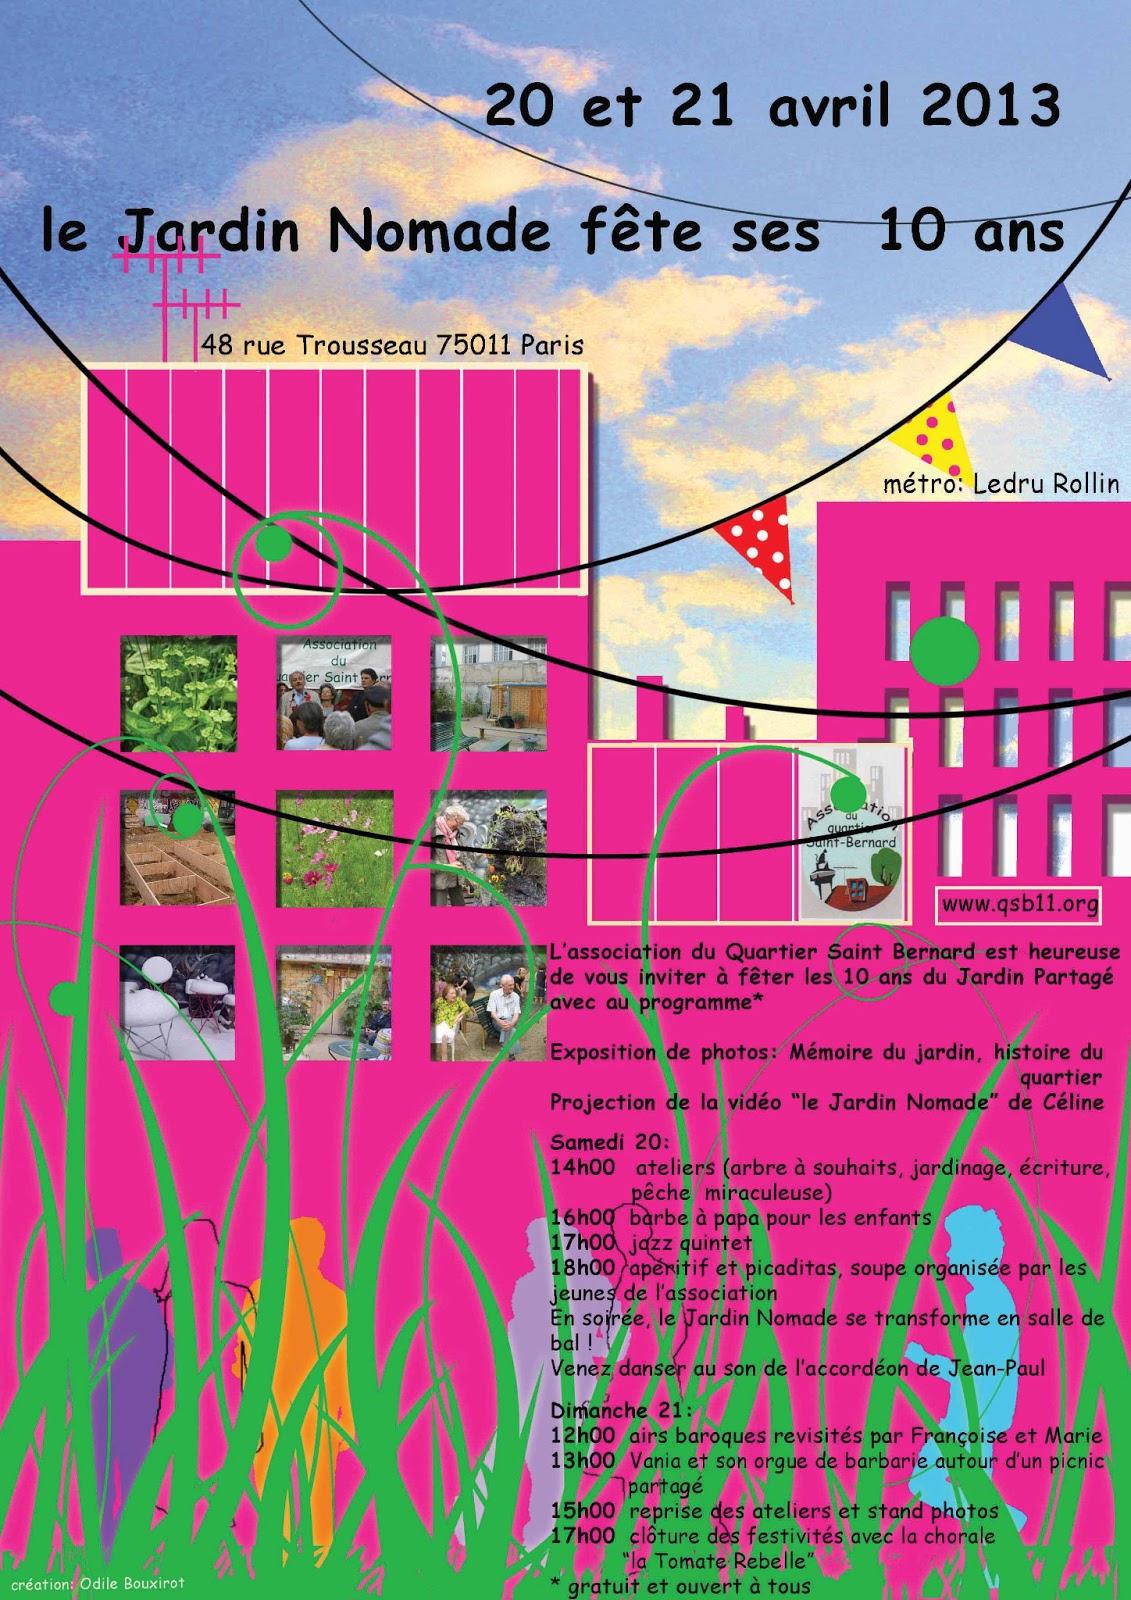 Rue de la forge royale avril 2013 for Le jardin 21 rue de la federation